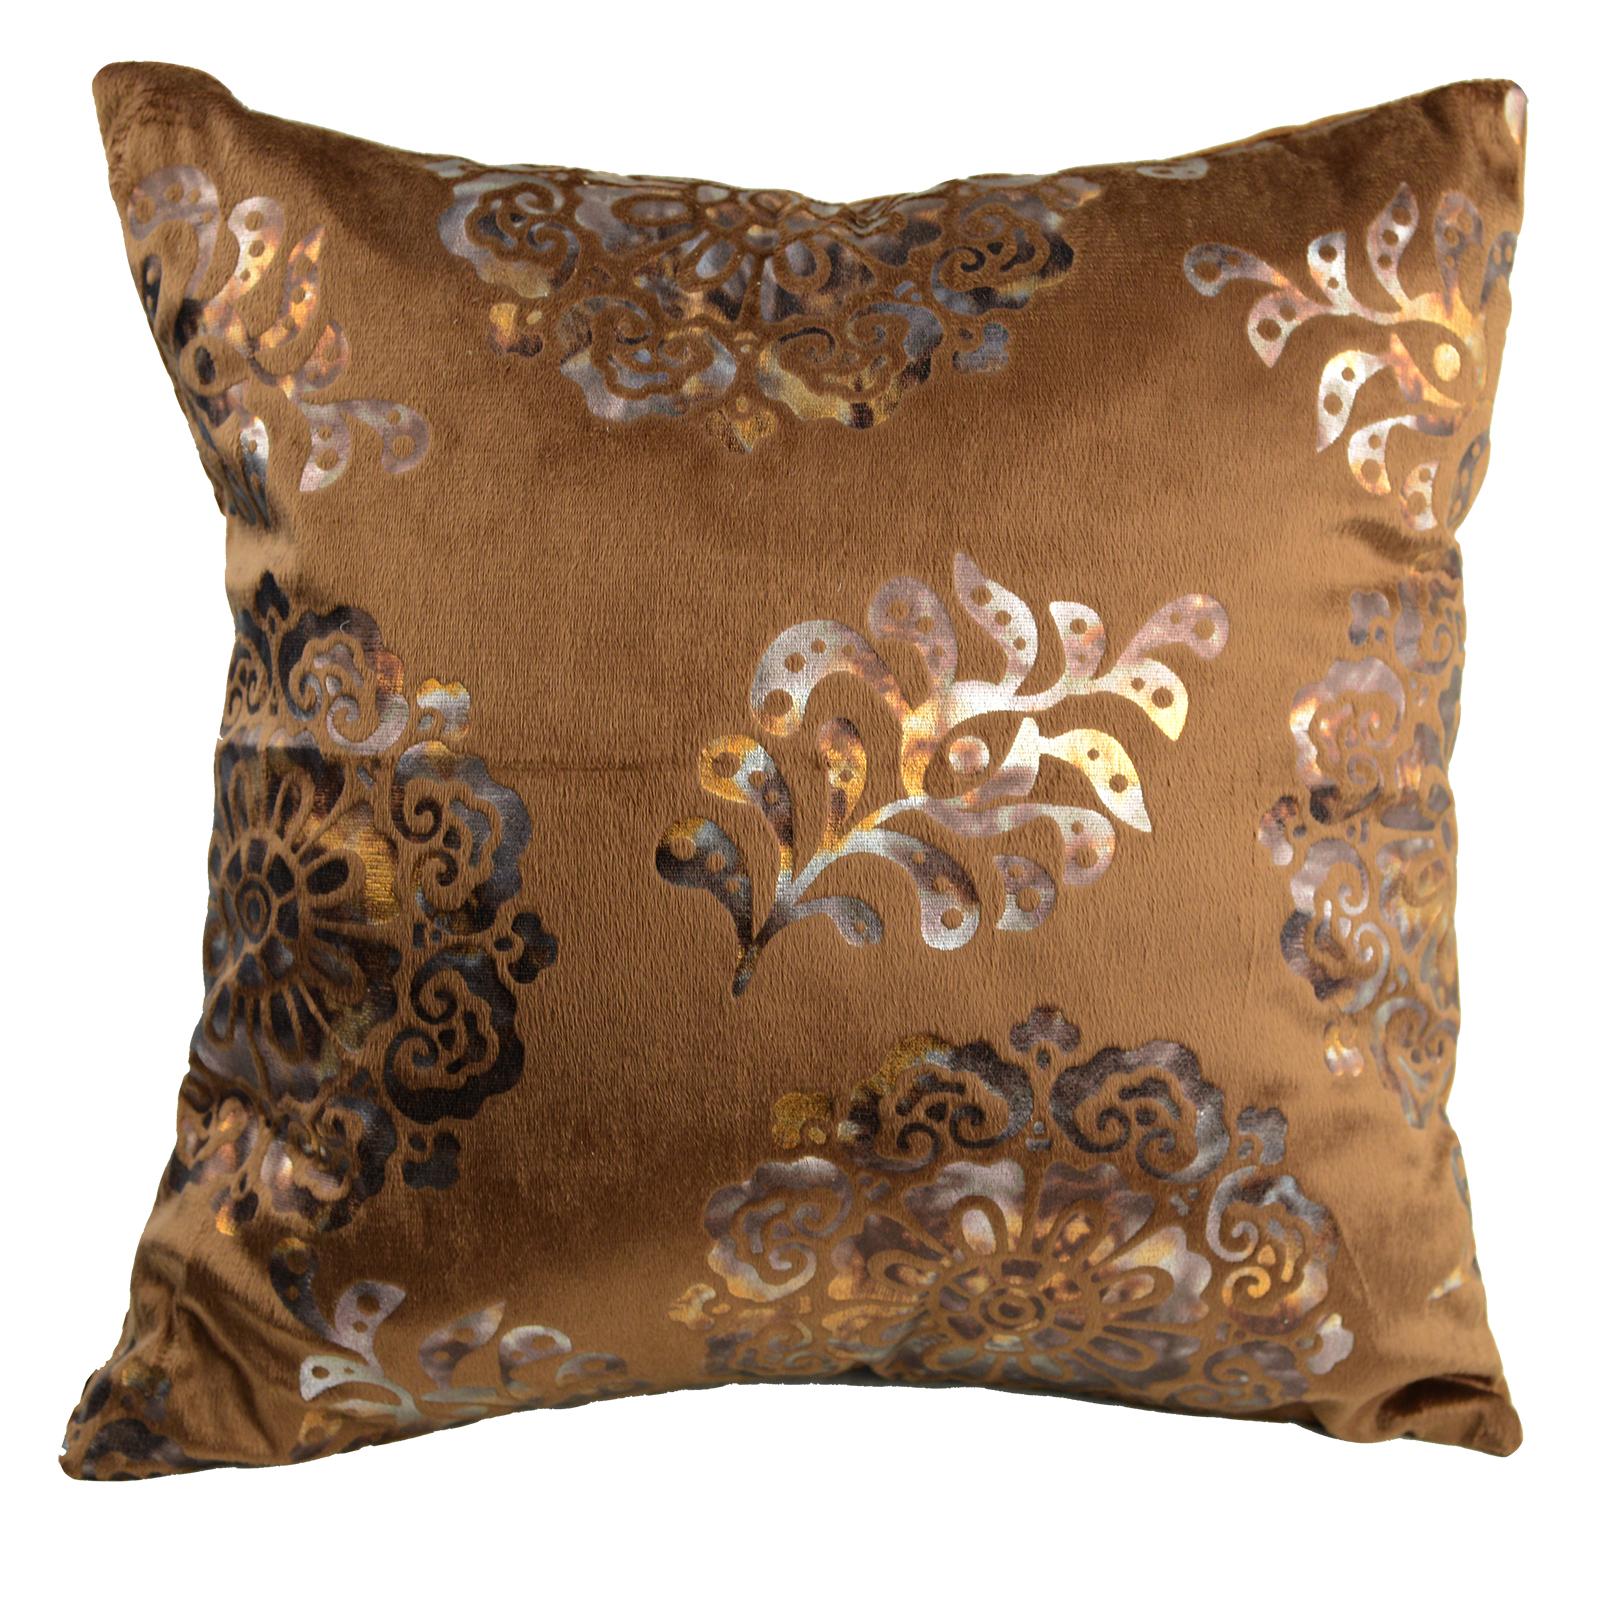 kissenbezug kissenh lle mit rei verschluss sofakissen bez ge pl sch samt 147 ebay. Black Bedroom Furniture Sets. Home Design Ideas